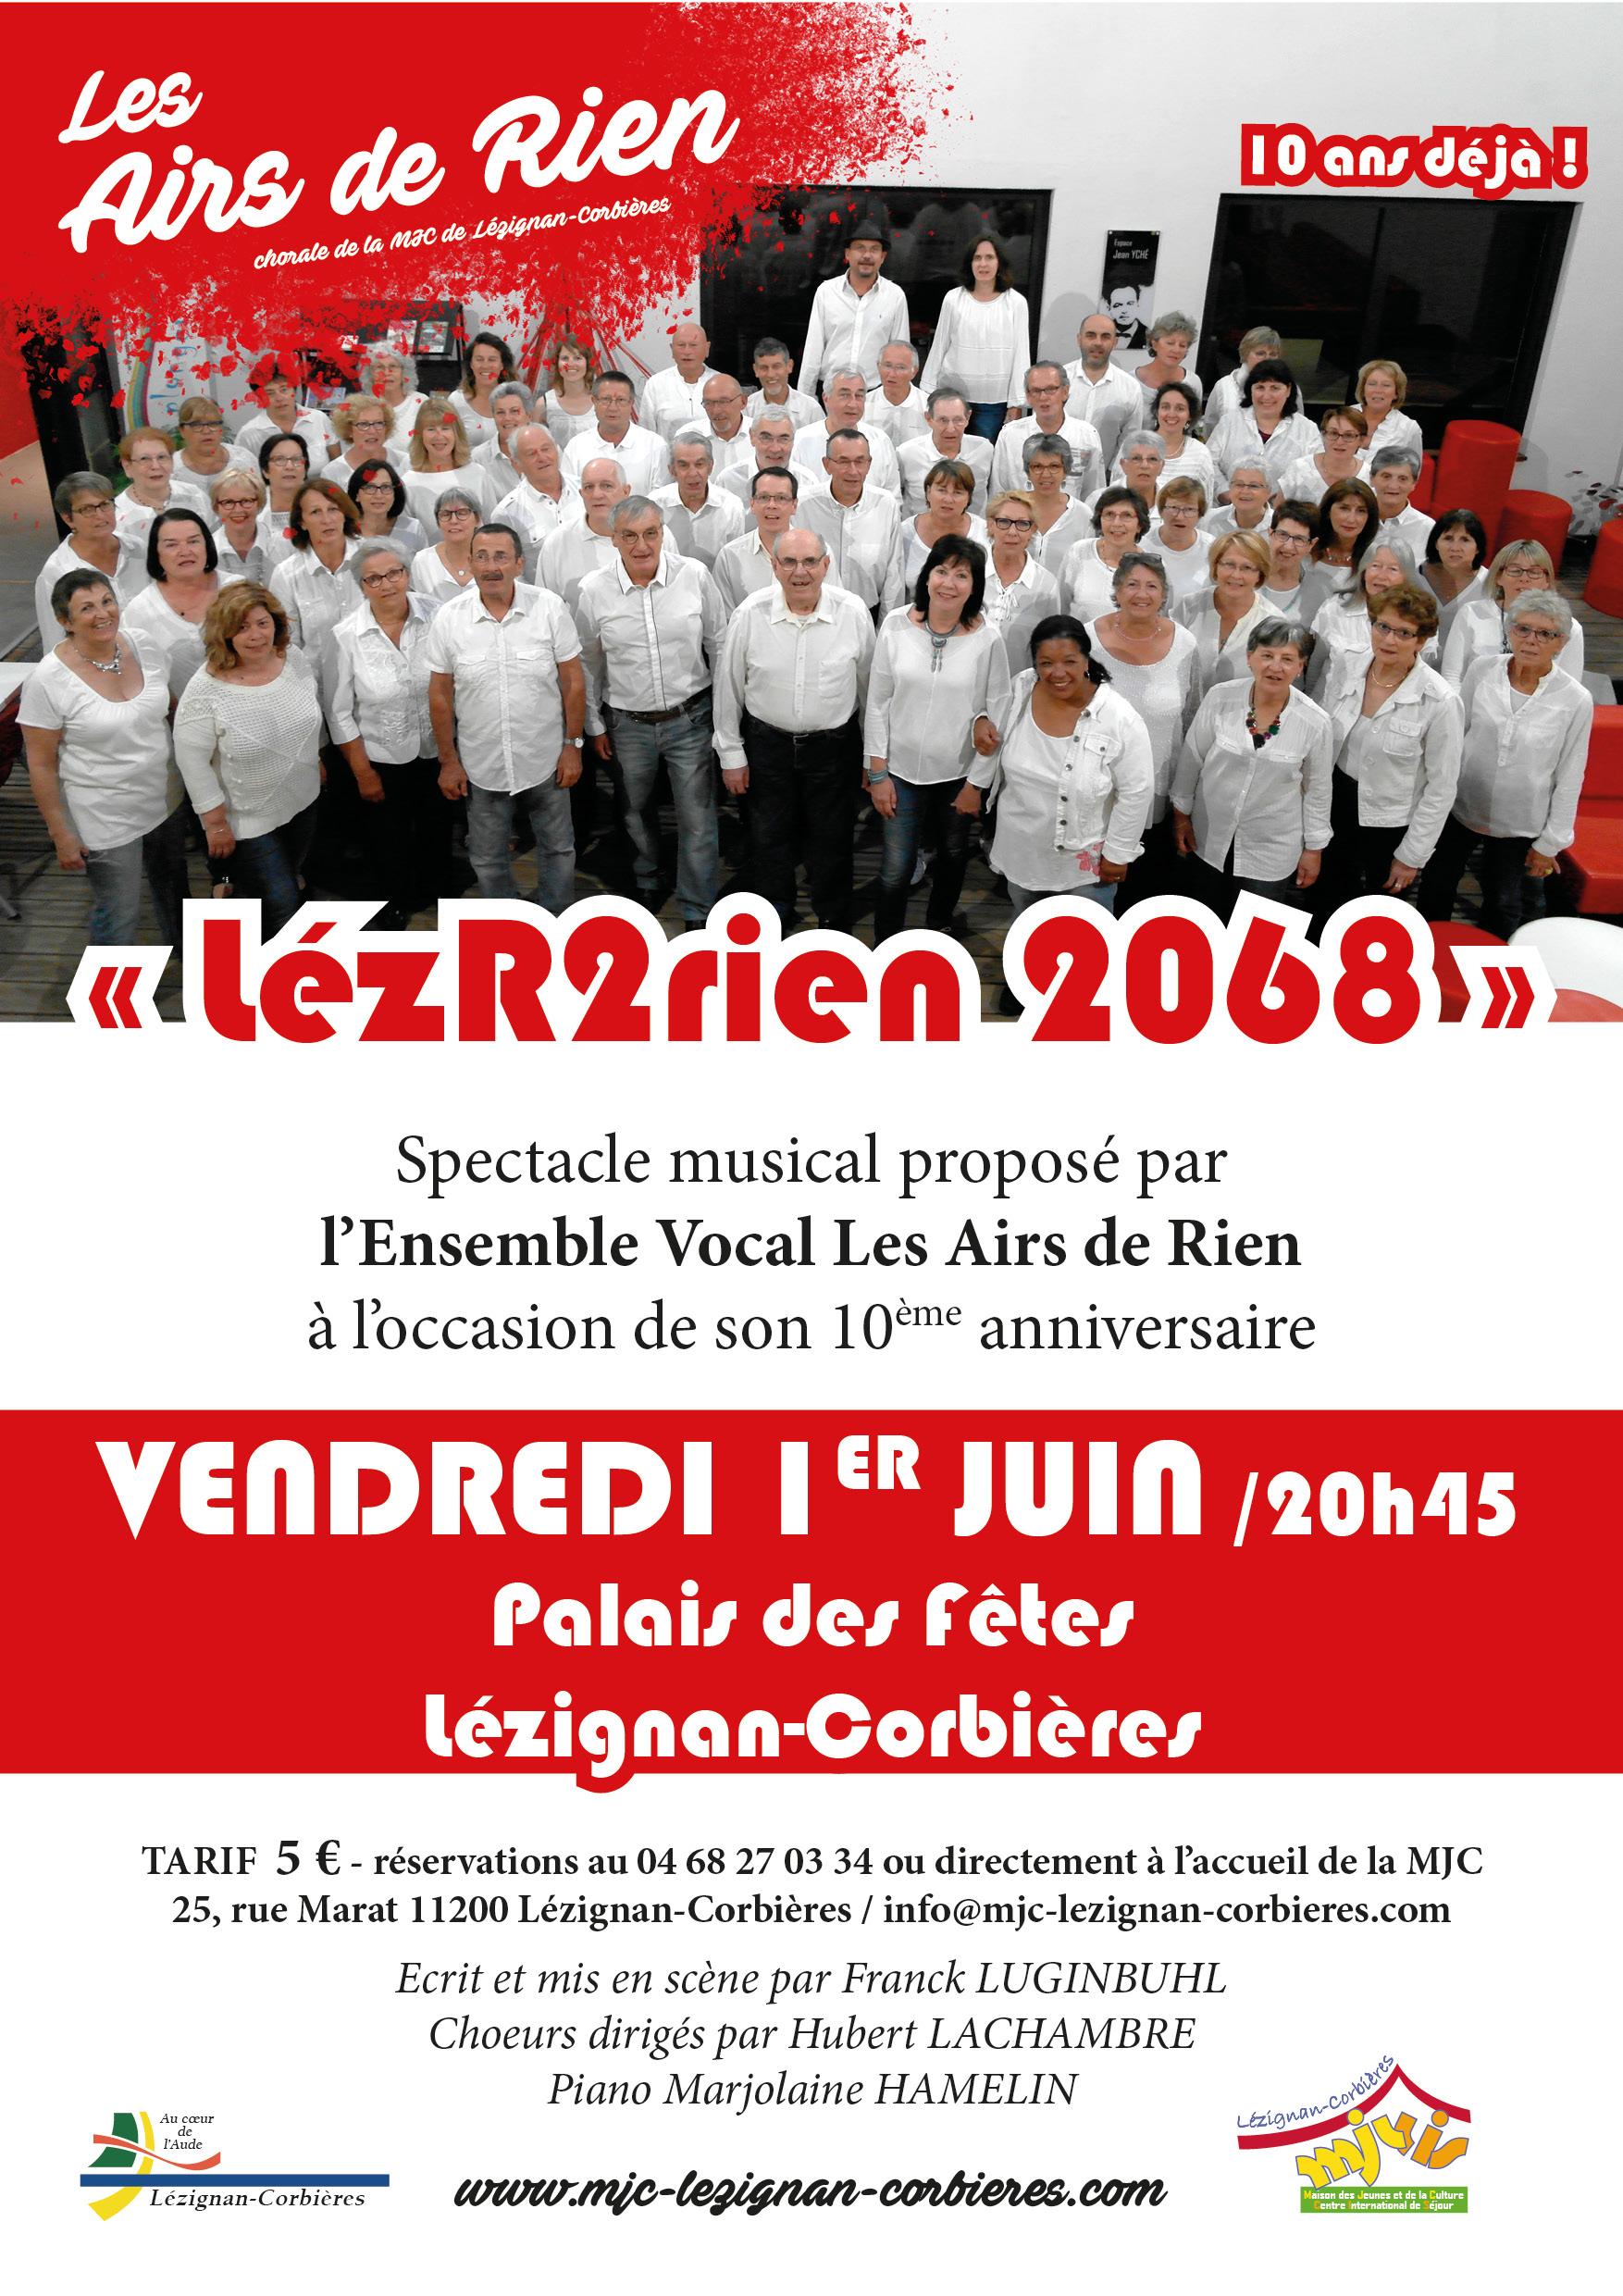 VENDREDI 1erJUIN >> Comédie musicale  « Les Airs de Rien 2068 »